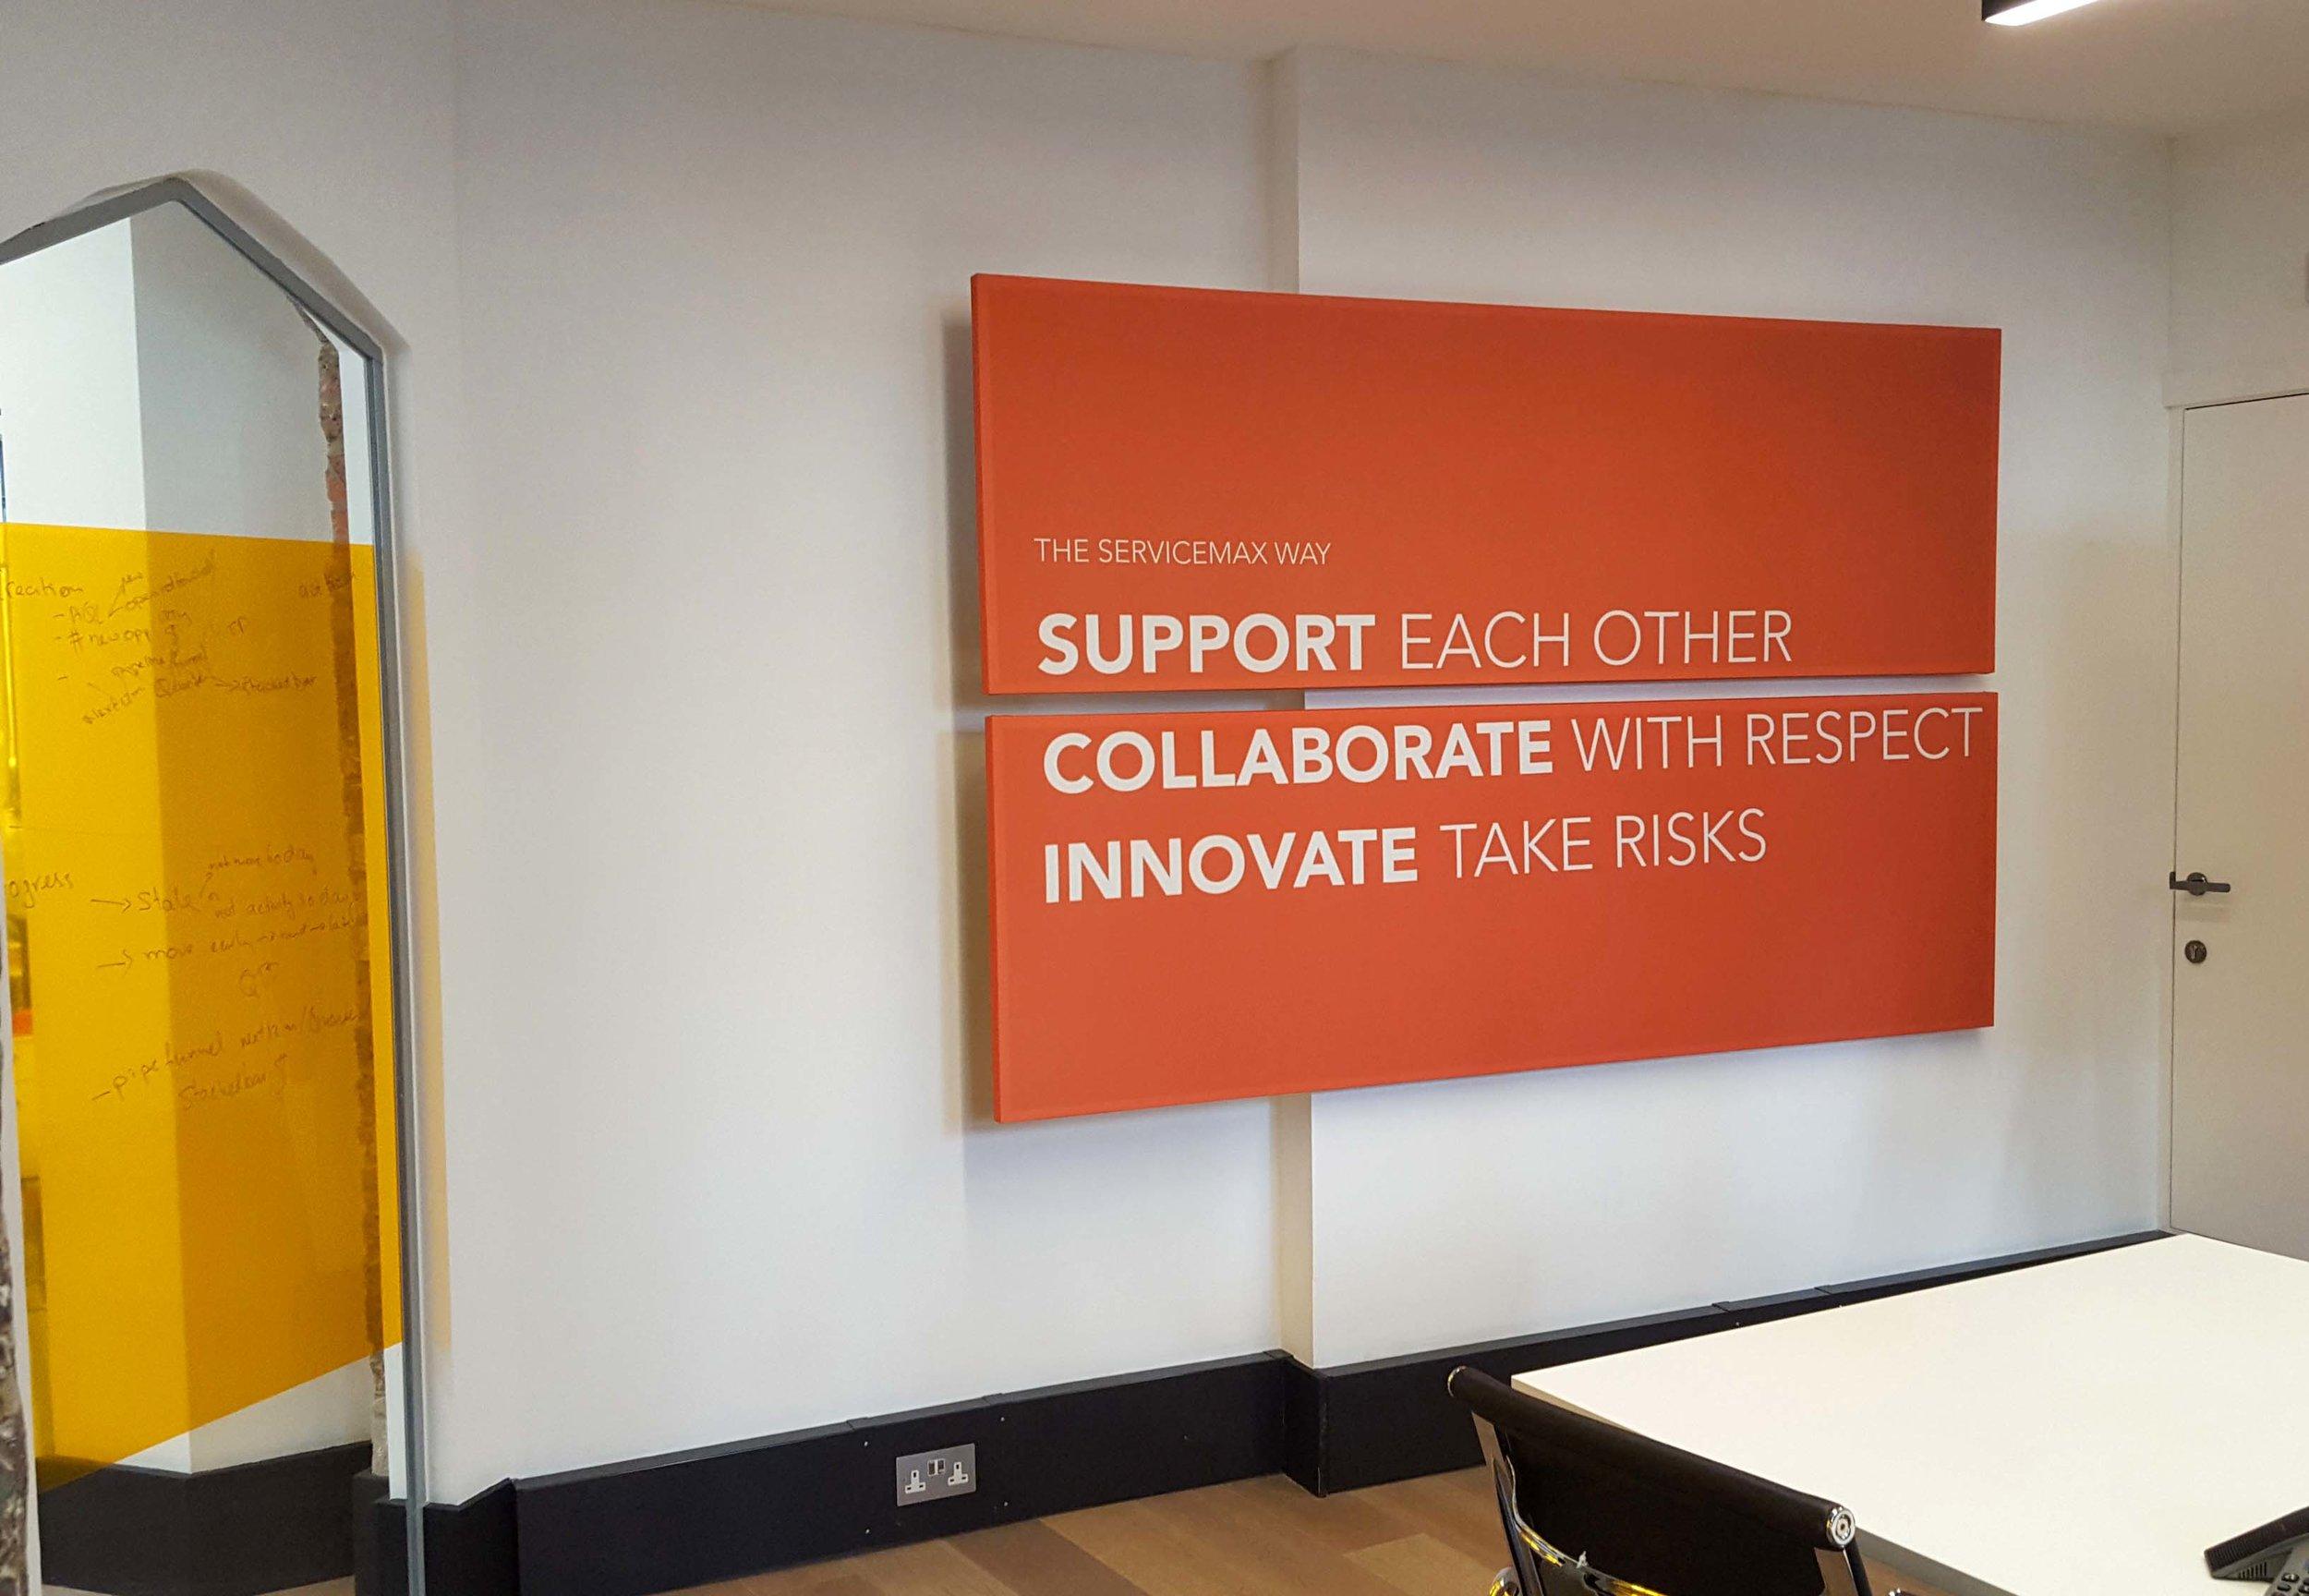 Servicemax_Meeting Room (2).jpg